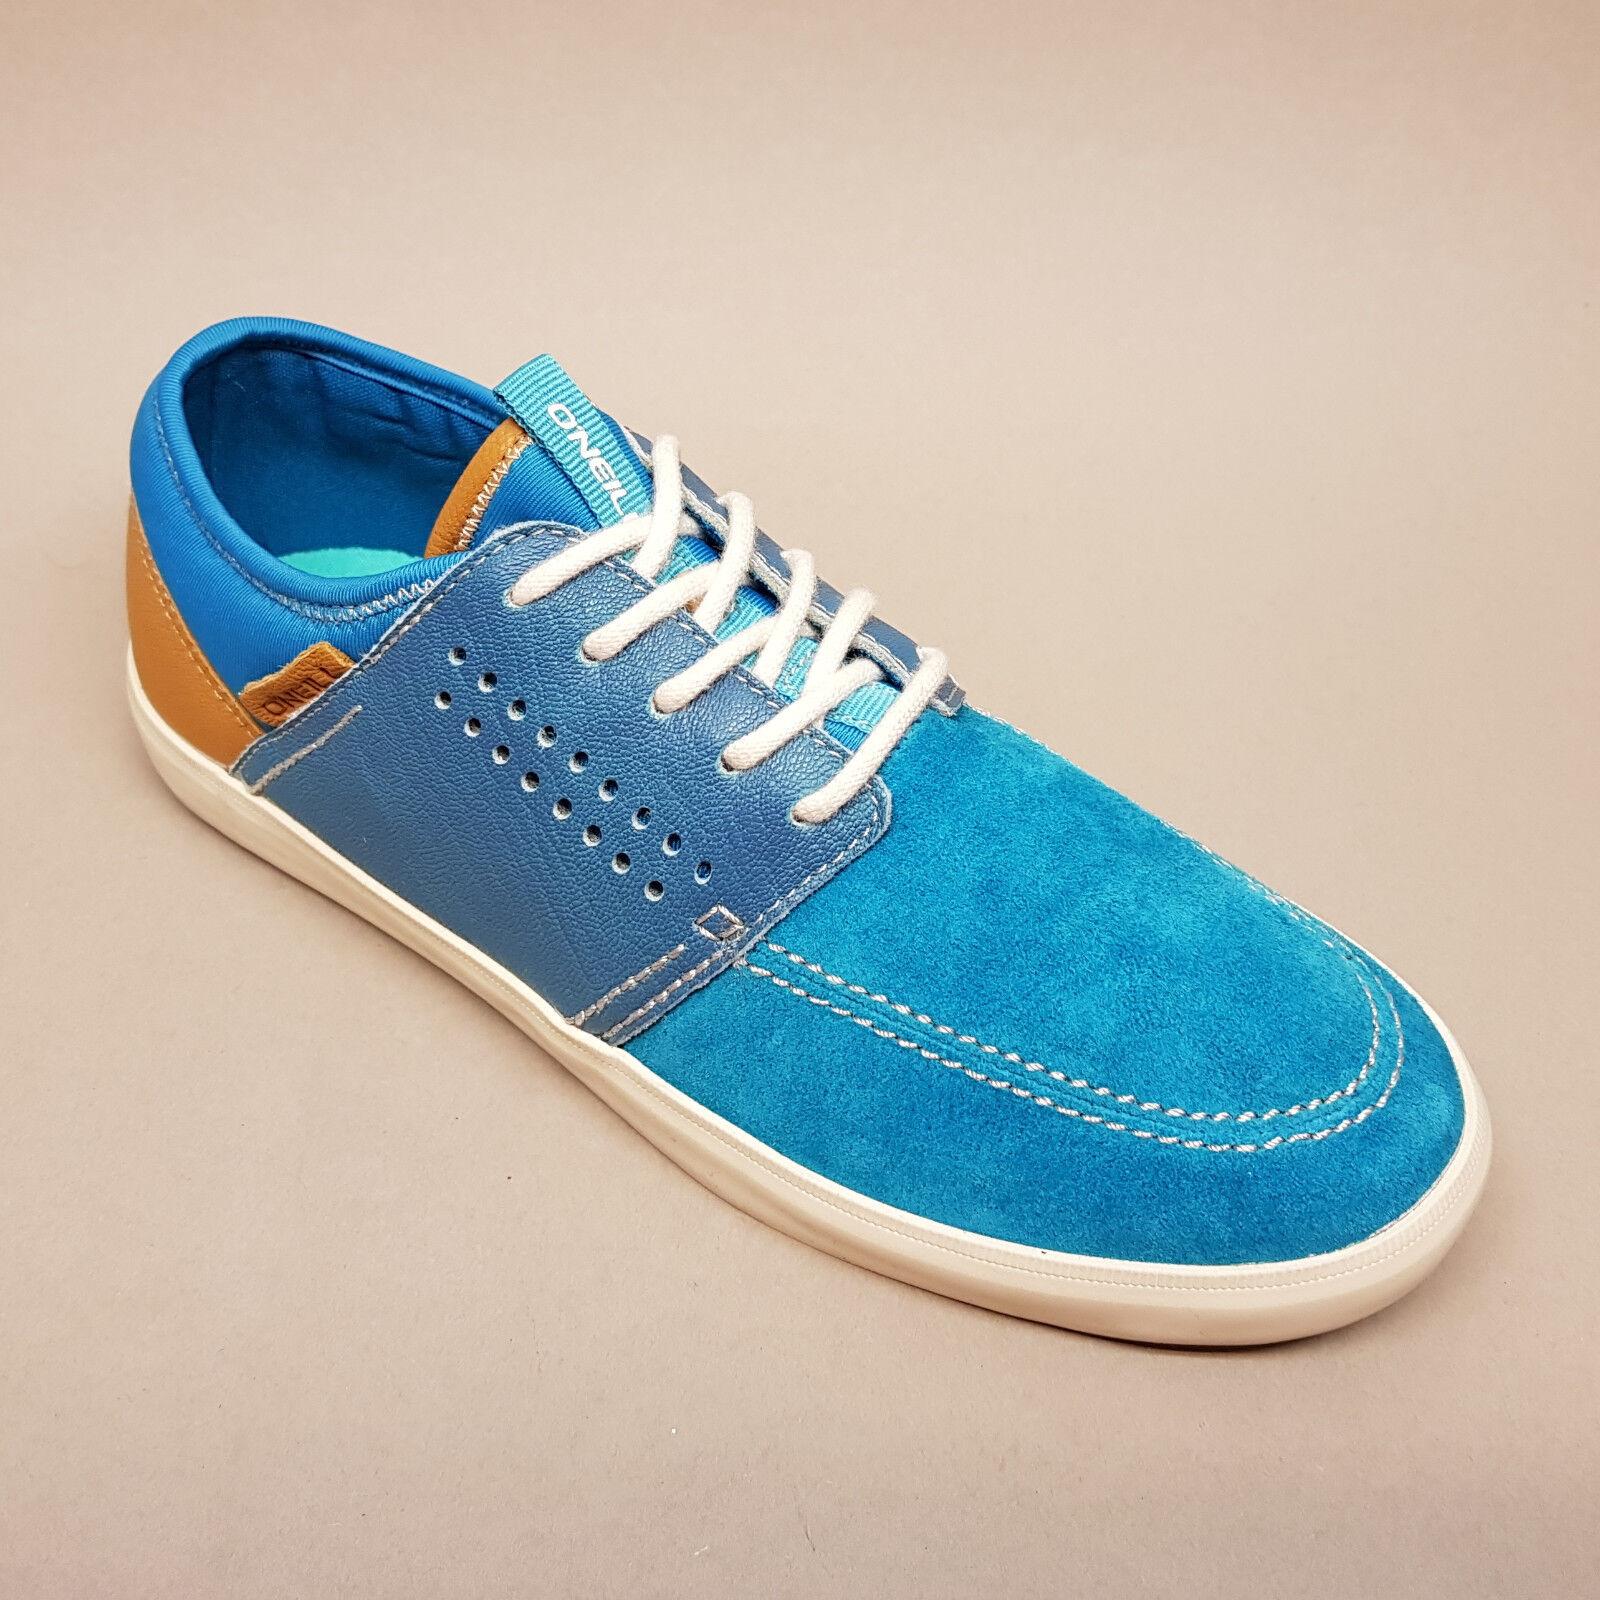 O'Neill Mutant Petrol Suede 59.1098.01 S35 Sneaker Halbschuhe blau 39 40 41 43